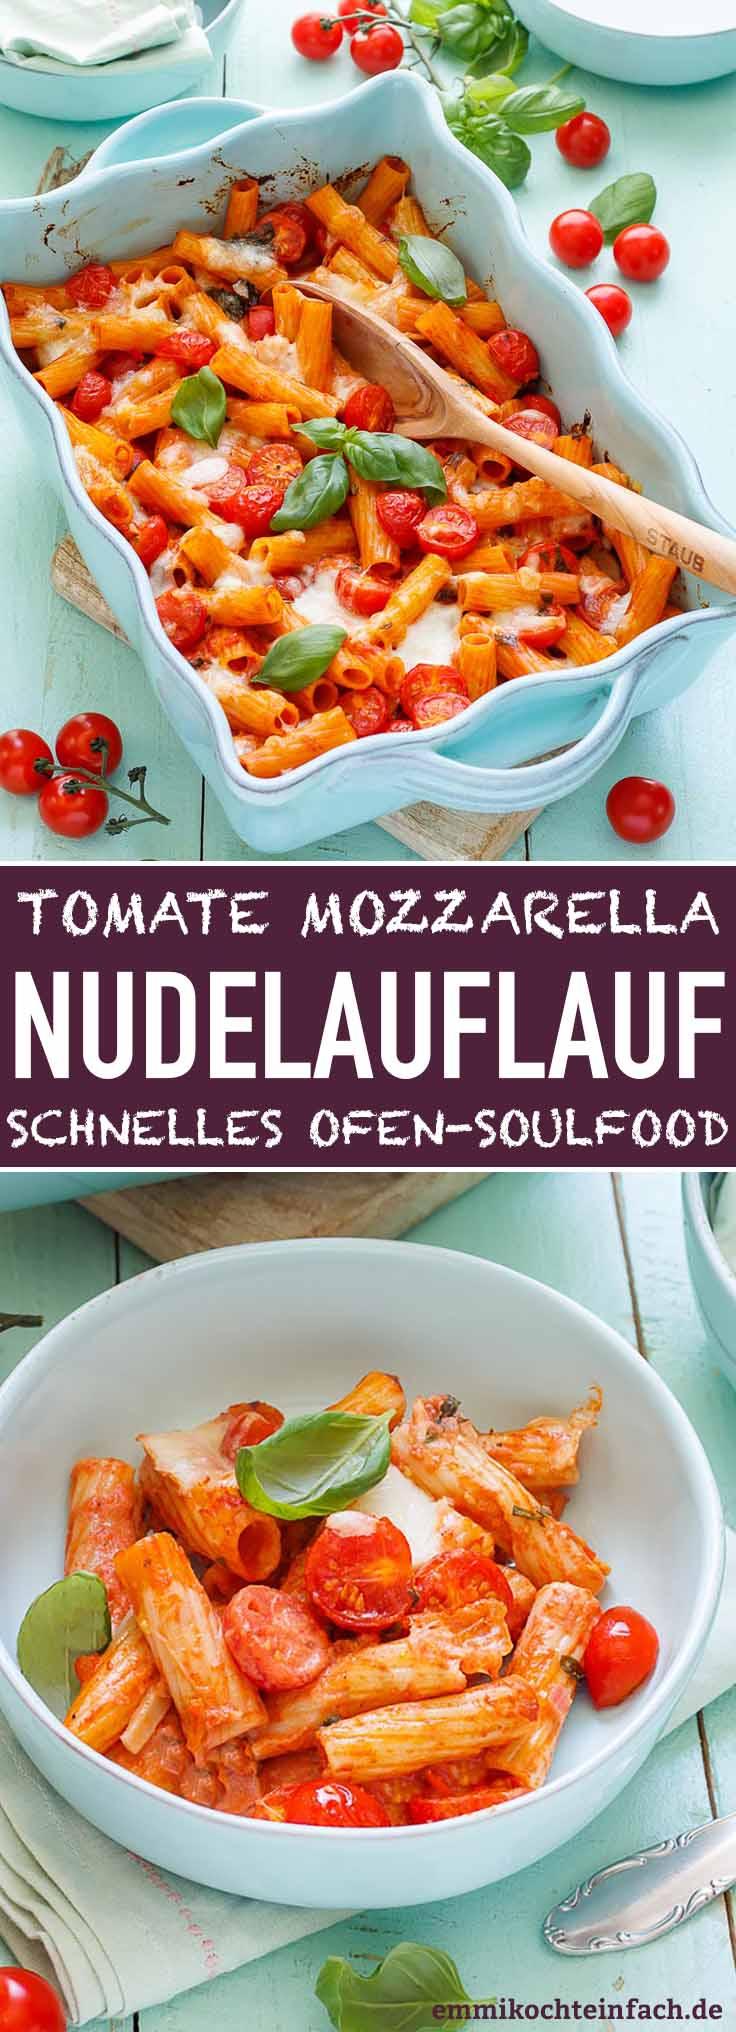 Nudelauflauf Tomate Mozzarella - www.emmikochteinfach.de